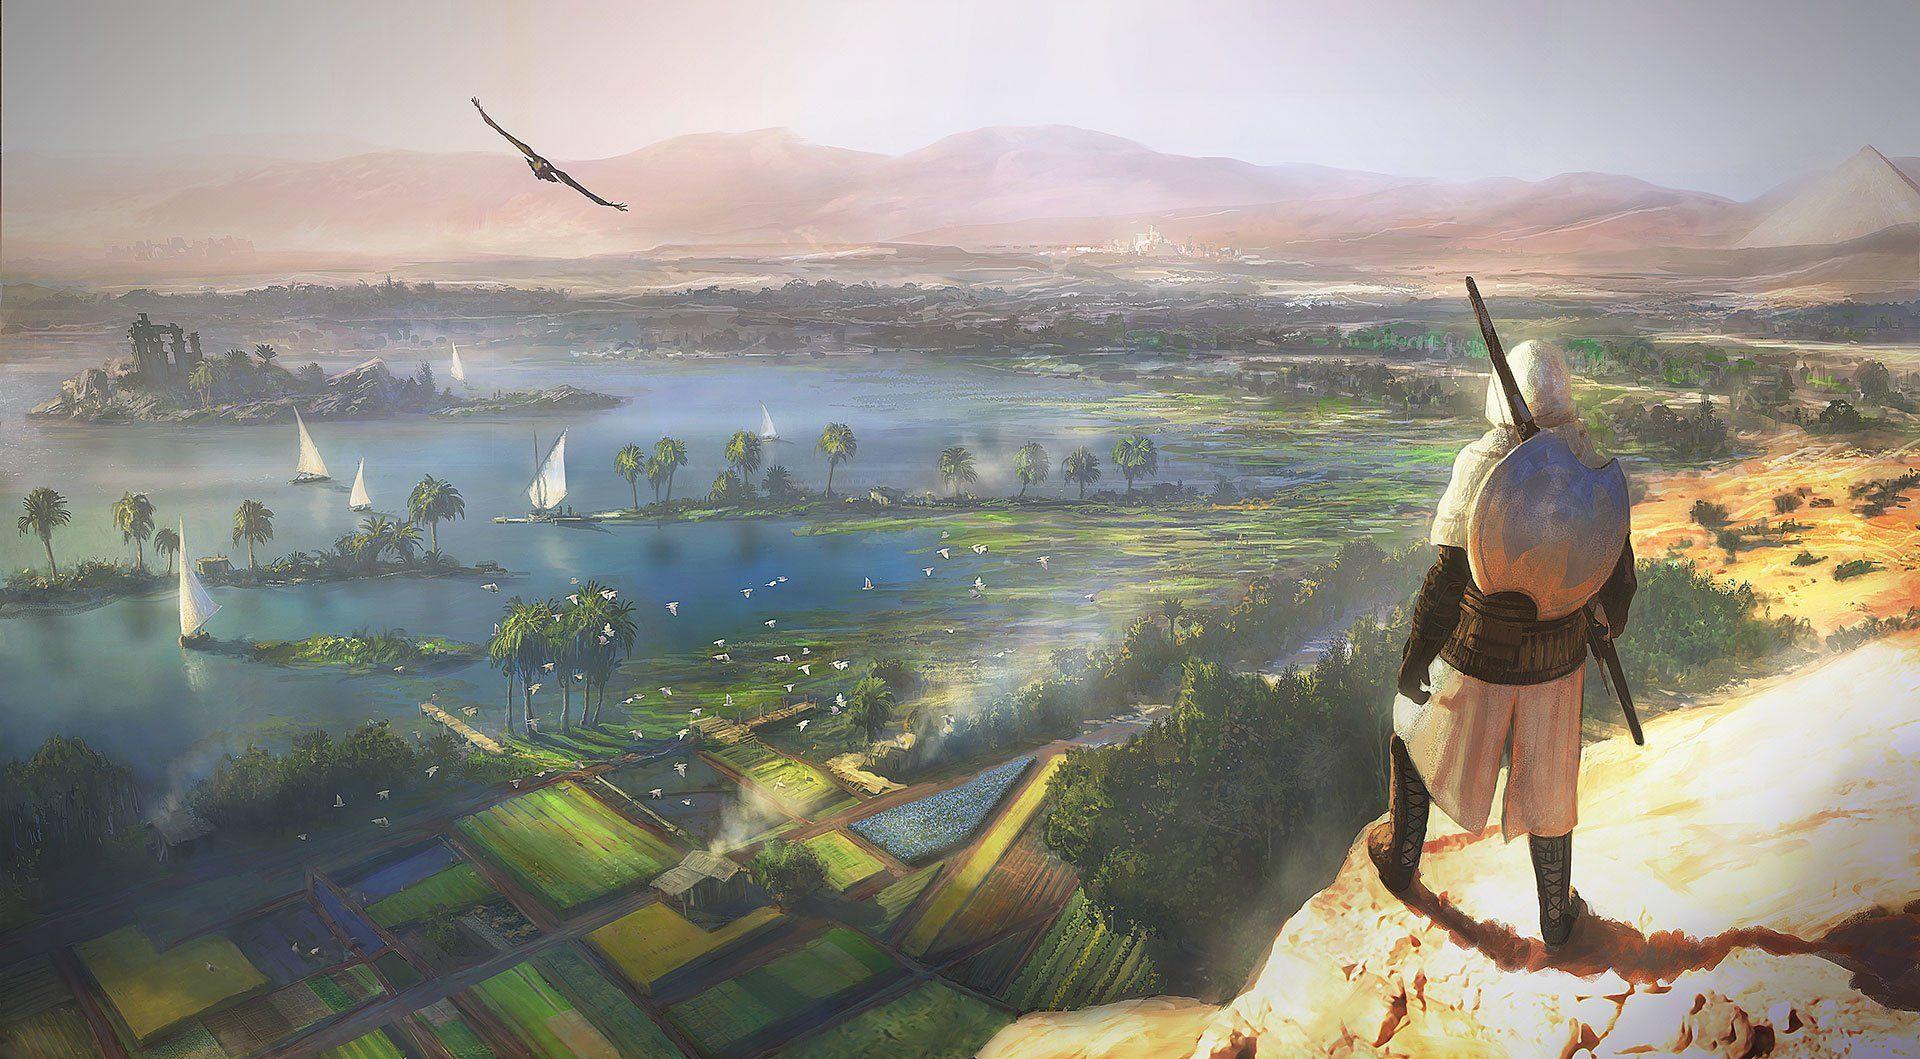 assassins creed origins wallpaper 1080p